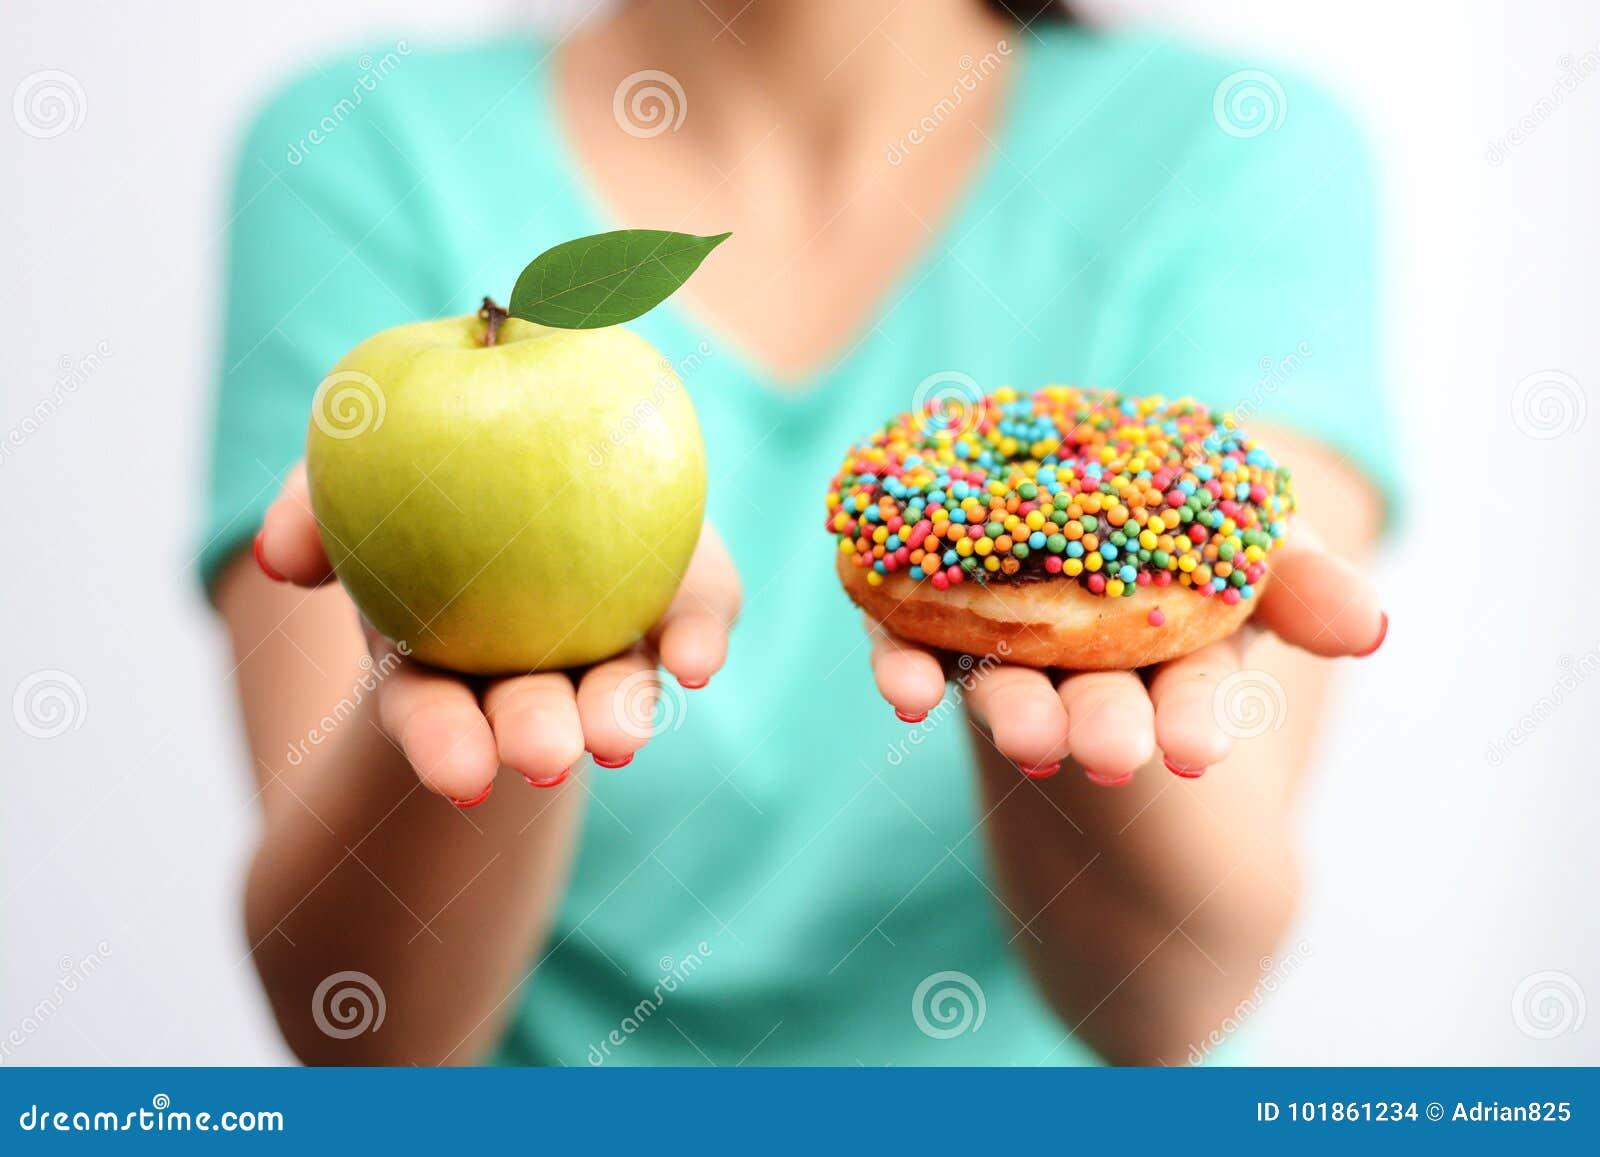 It's difícilmente para elegir concepto sano de la comida, con la mano de la mujer sosteniendo una manzana verde y un buñuelo de